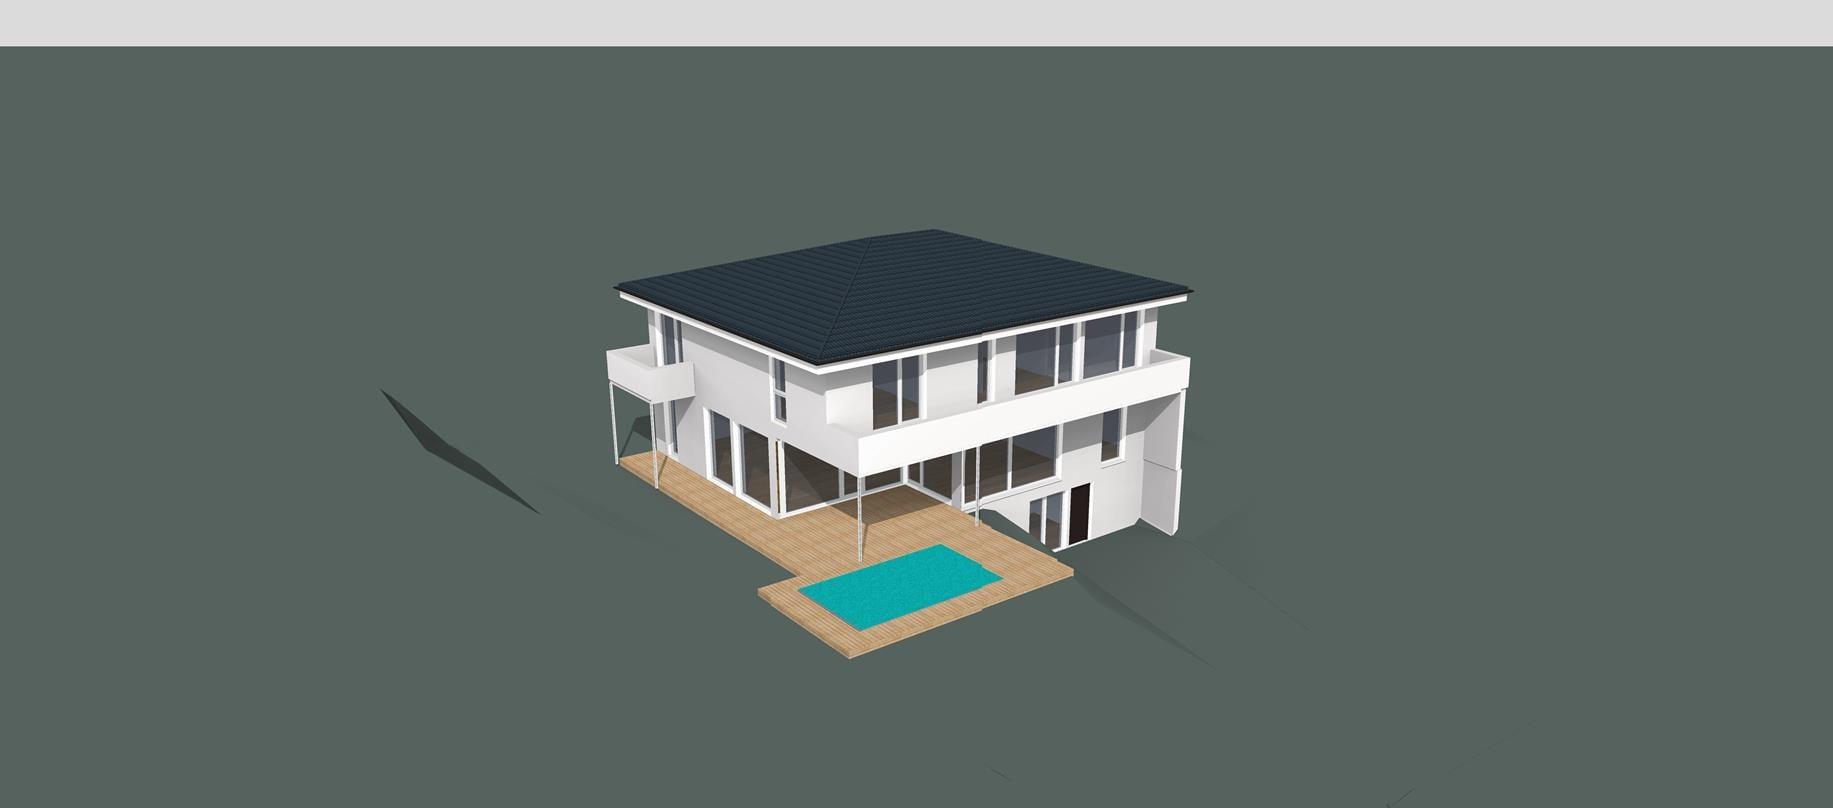 ARKITURA Projekte im Bau - Einfamilienhaus im Raum Wiesbaden Energieeffizienz 40Plus mit 350 qm